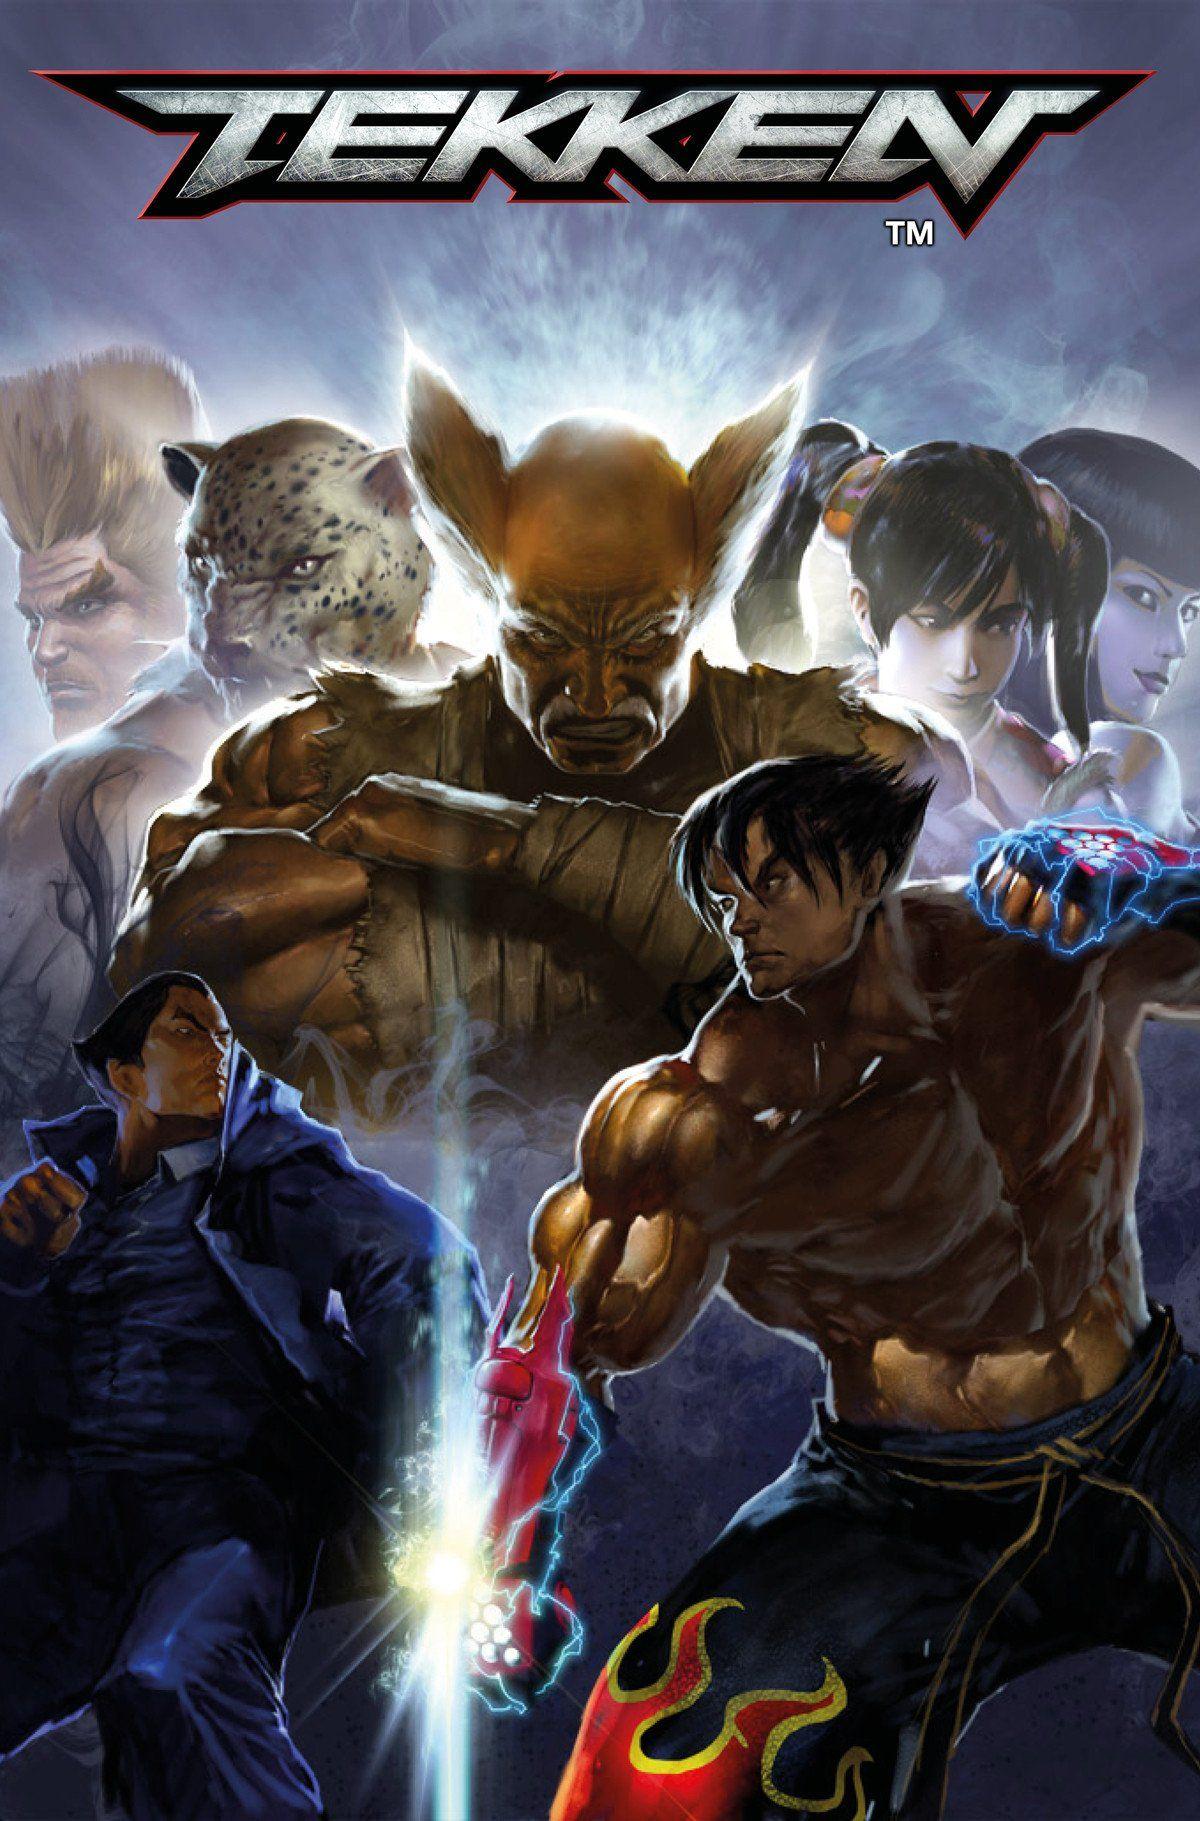 Tekken #3 | Tekken 3, Tekken cosplay, Fighting games